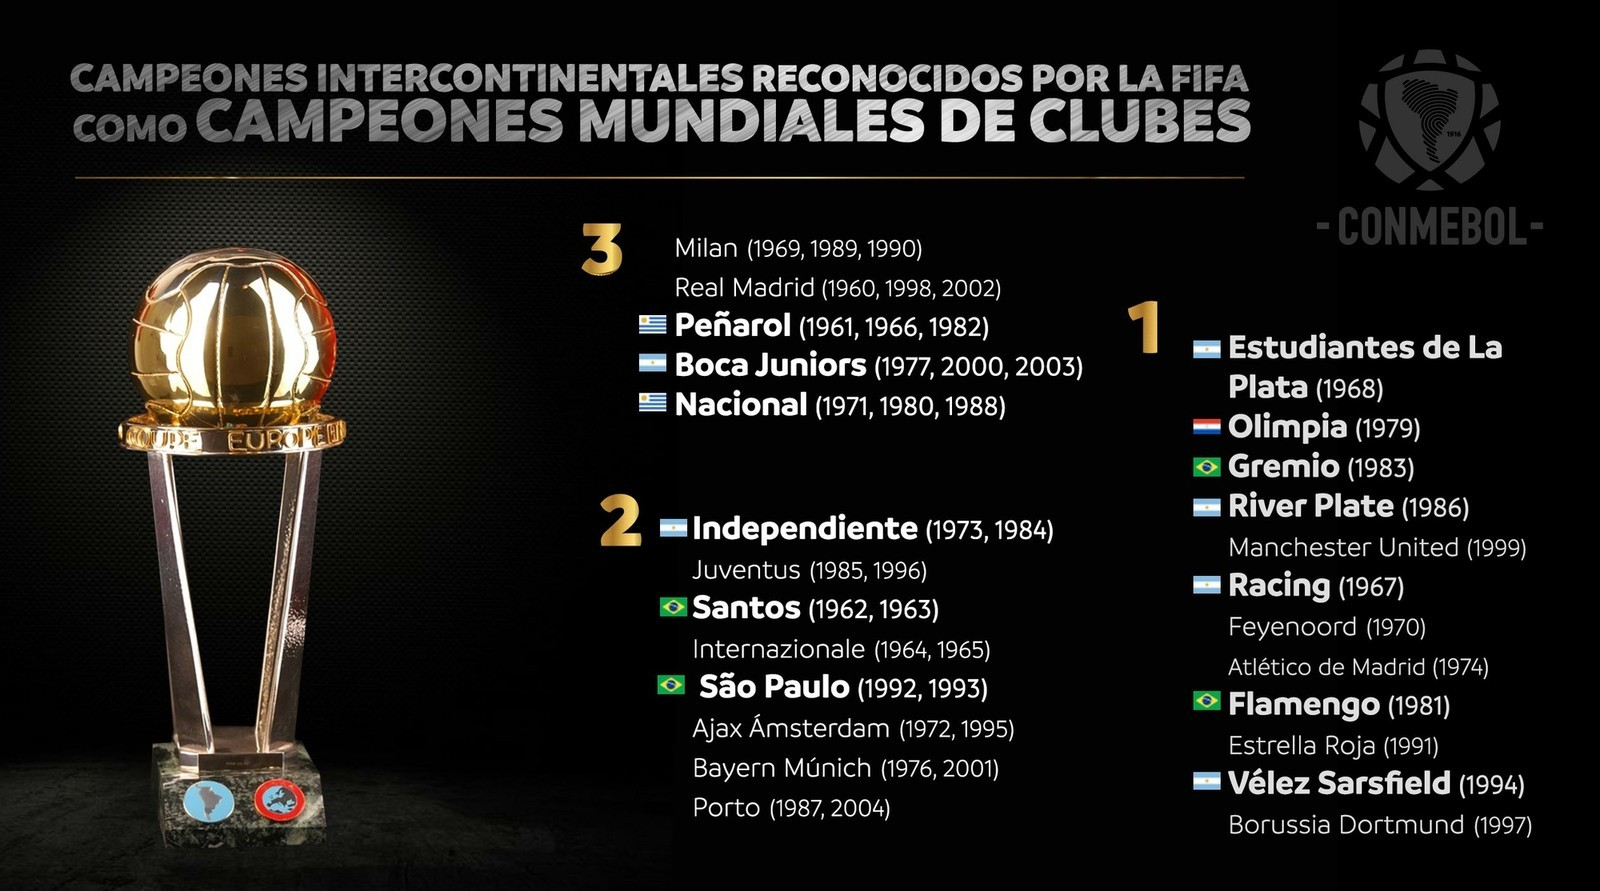 conmebol-tem-a-intencao-de-reviver-confronto-unico-contra-times-da-europa-Futebol-Latino-06-06